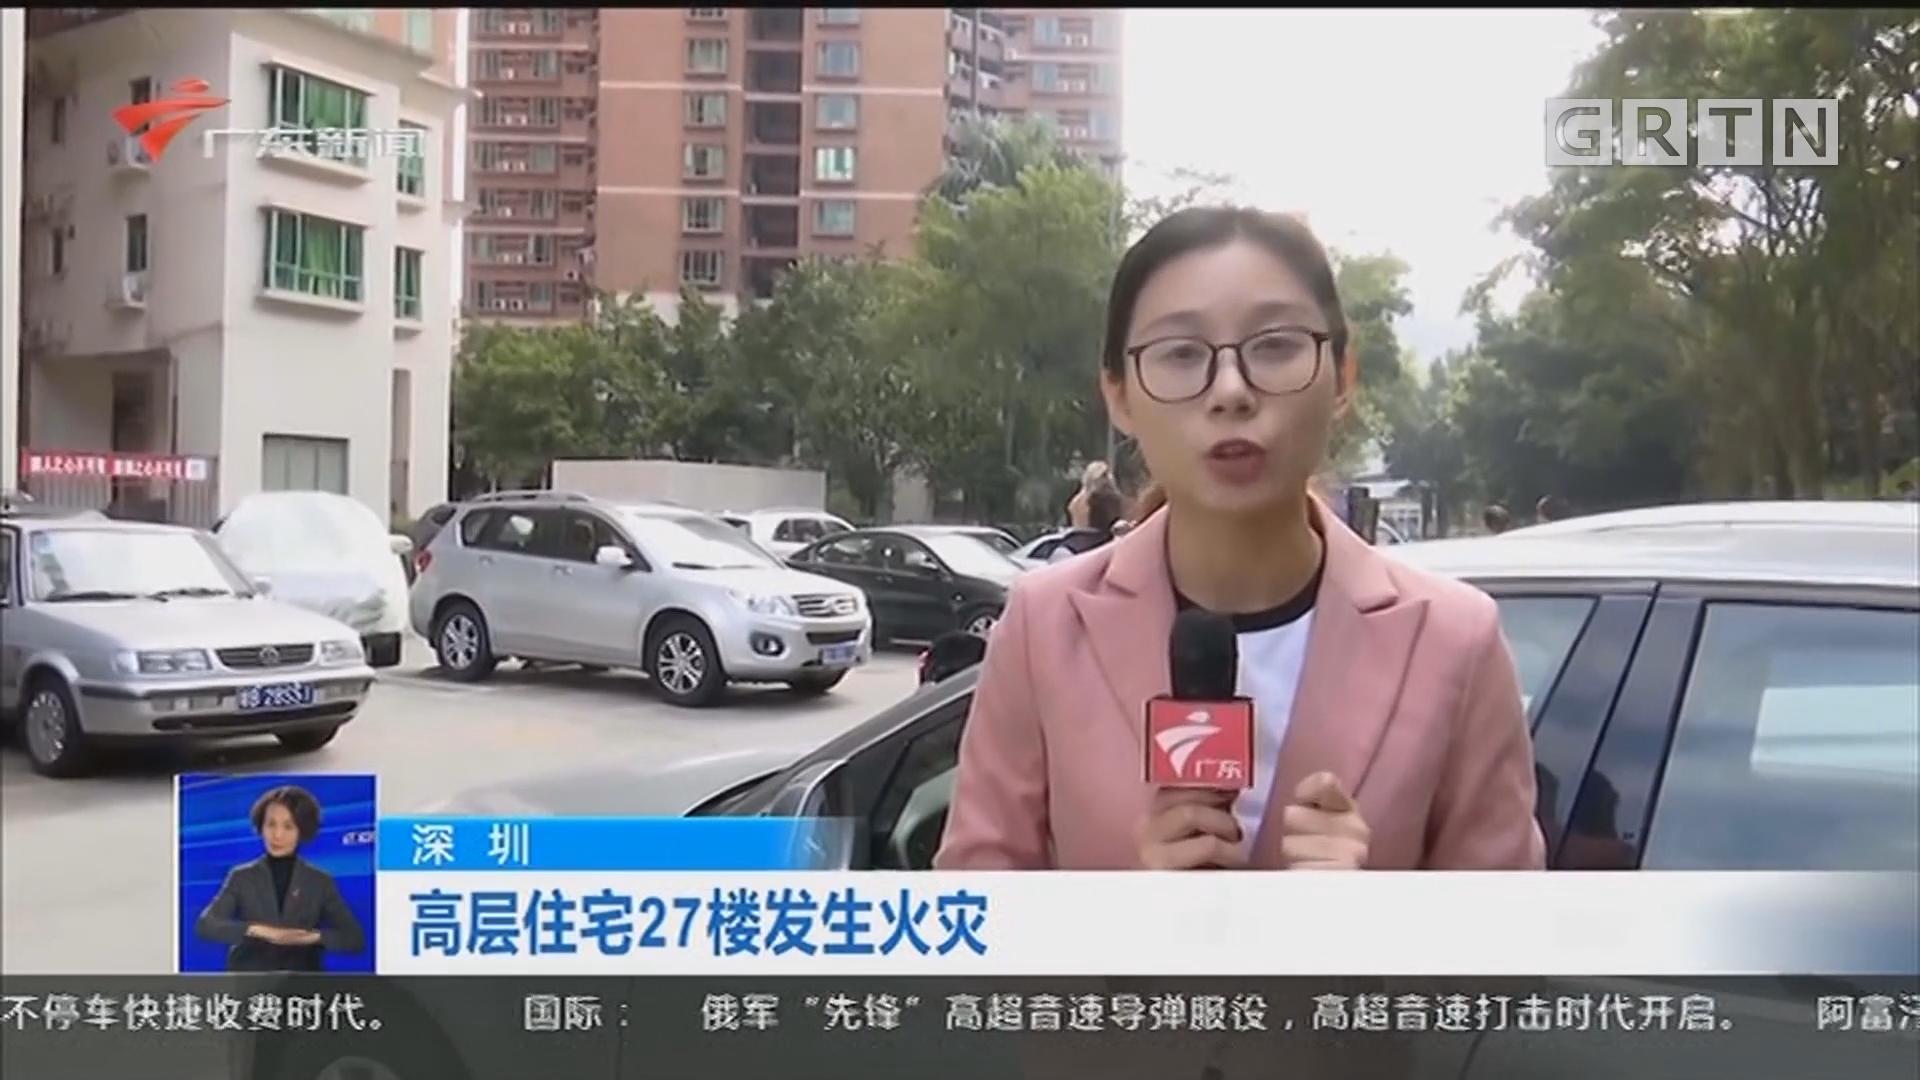 深圳 高層住宅27樓發生火災